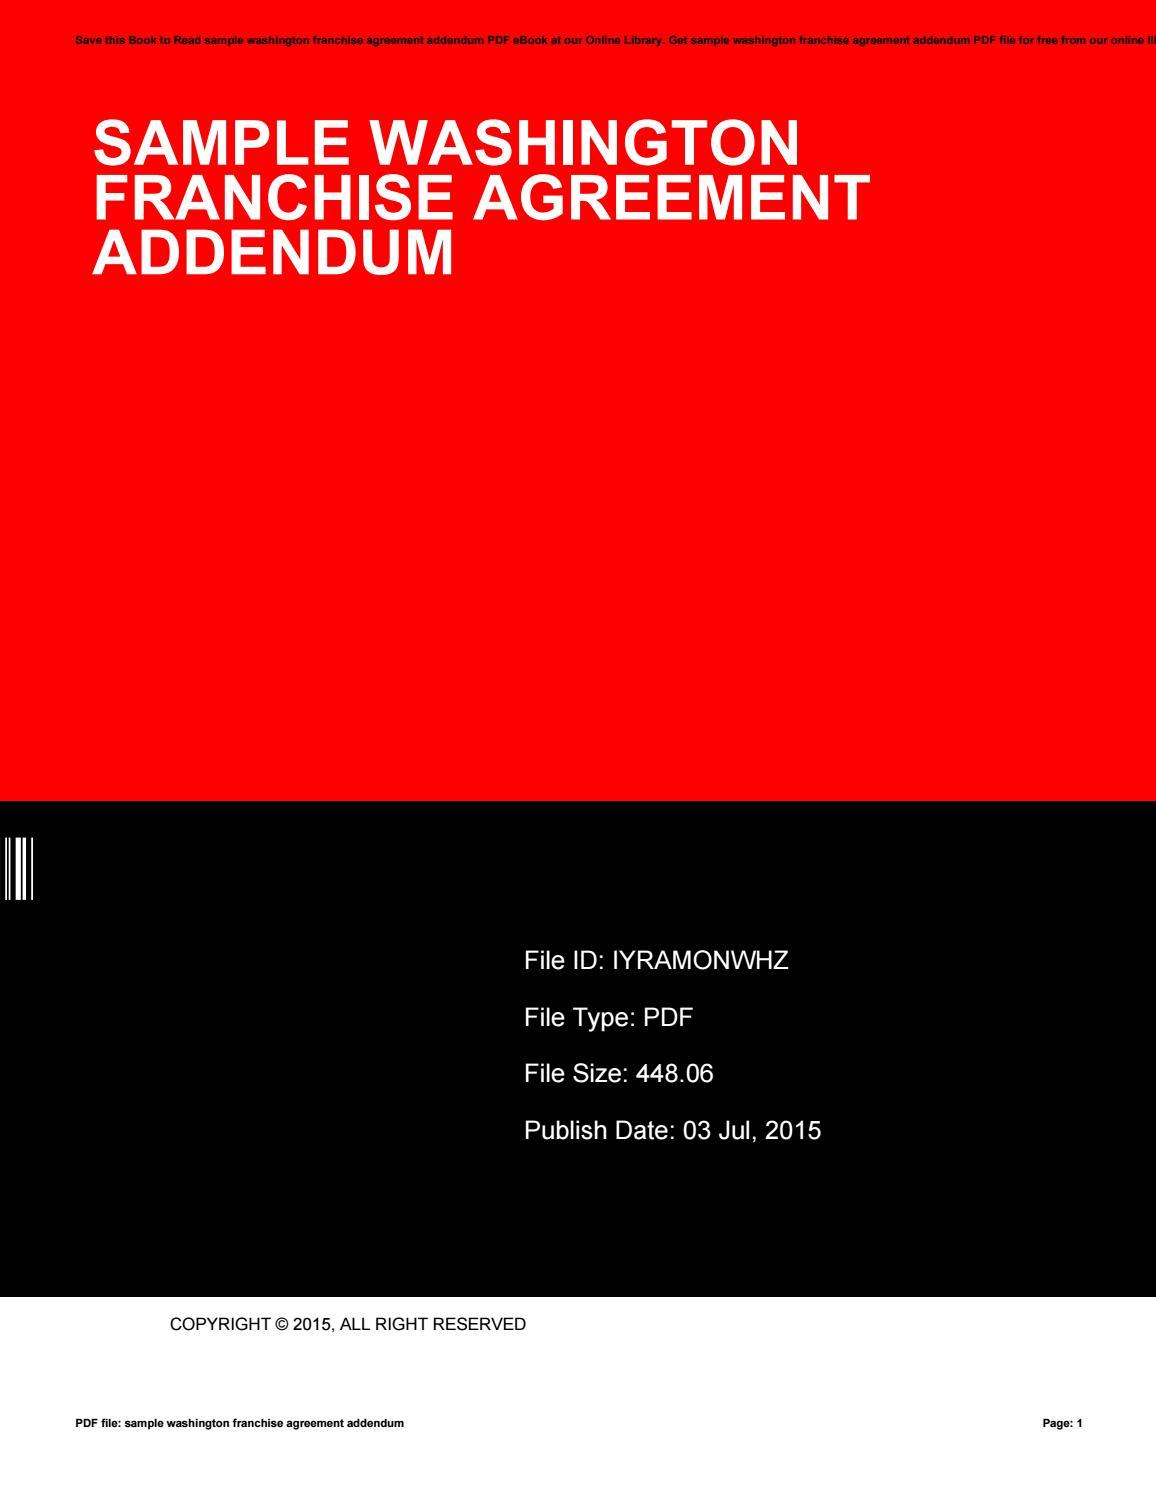 Sample Washington Franchise Agreement Addendum By Shirleykincade4437